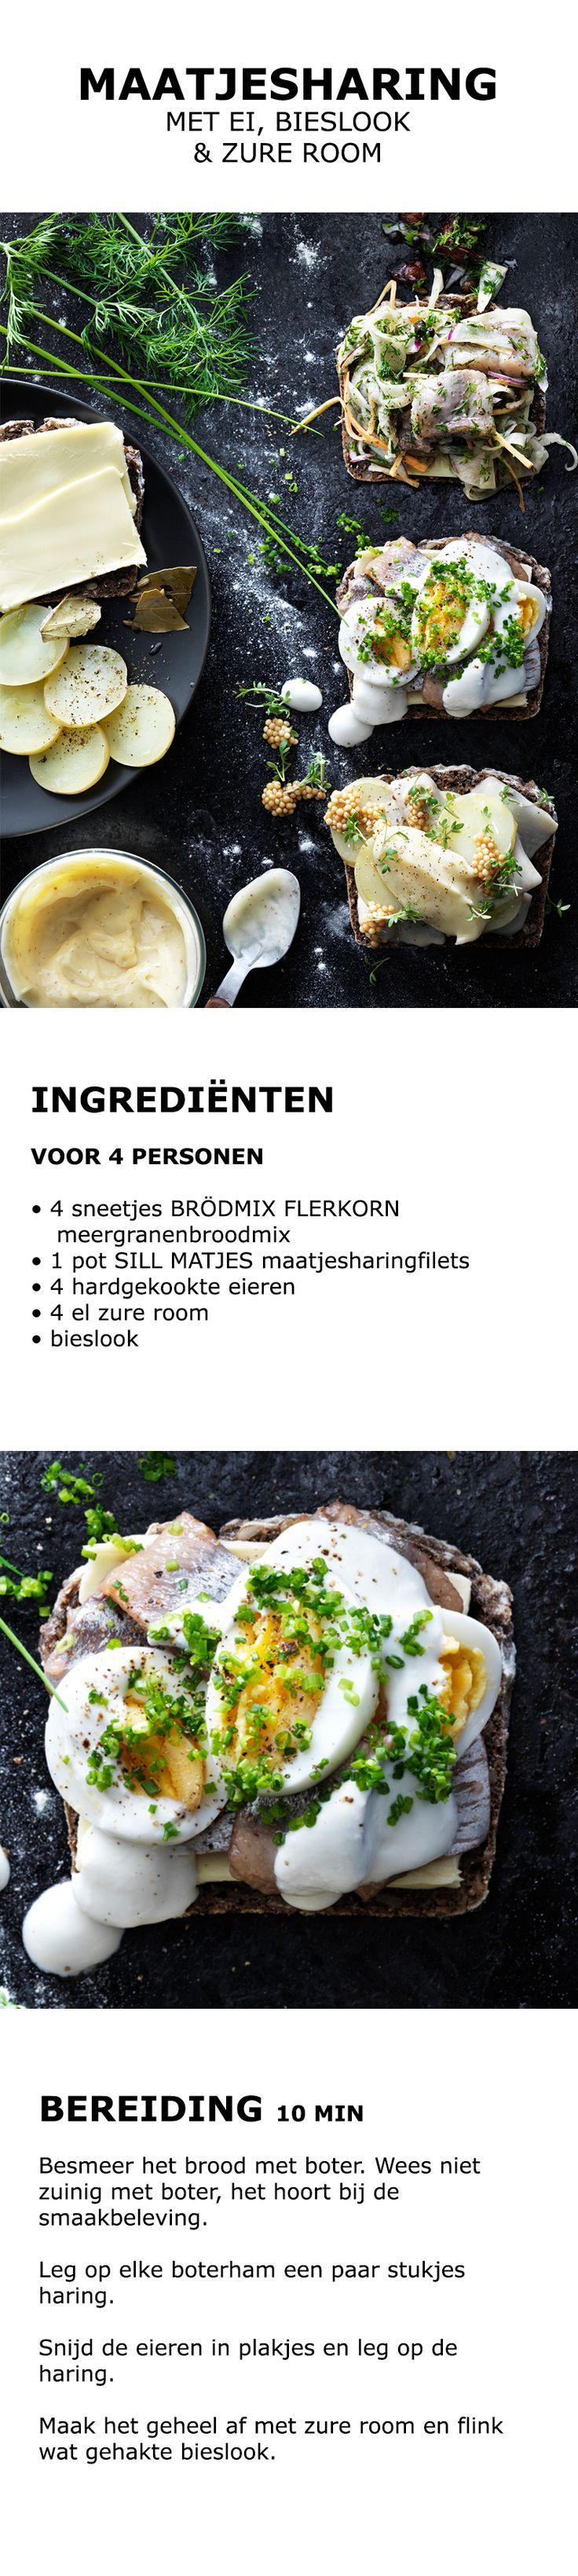 Inspiratie voor de feestdagen - Maatjesharing met ei, bieslook en zure room | IKEA IKEAnederland koken keuken recept herfst winter kerst diner lunch zweeds gerecht menu